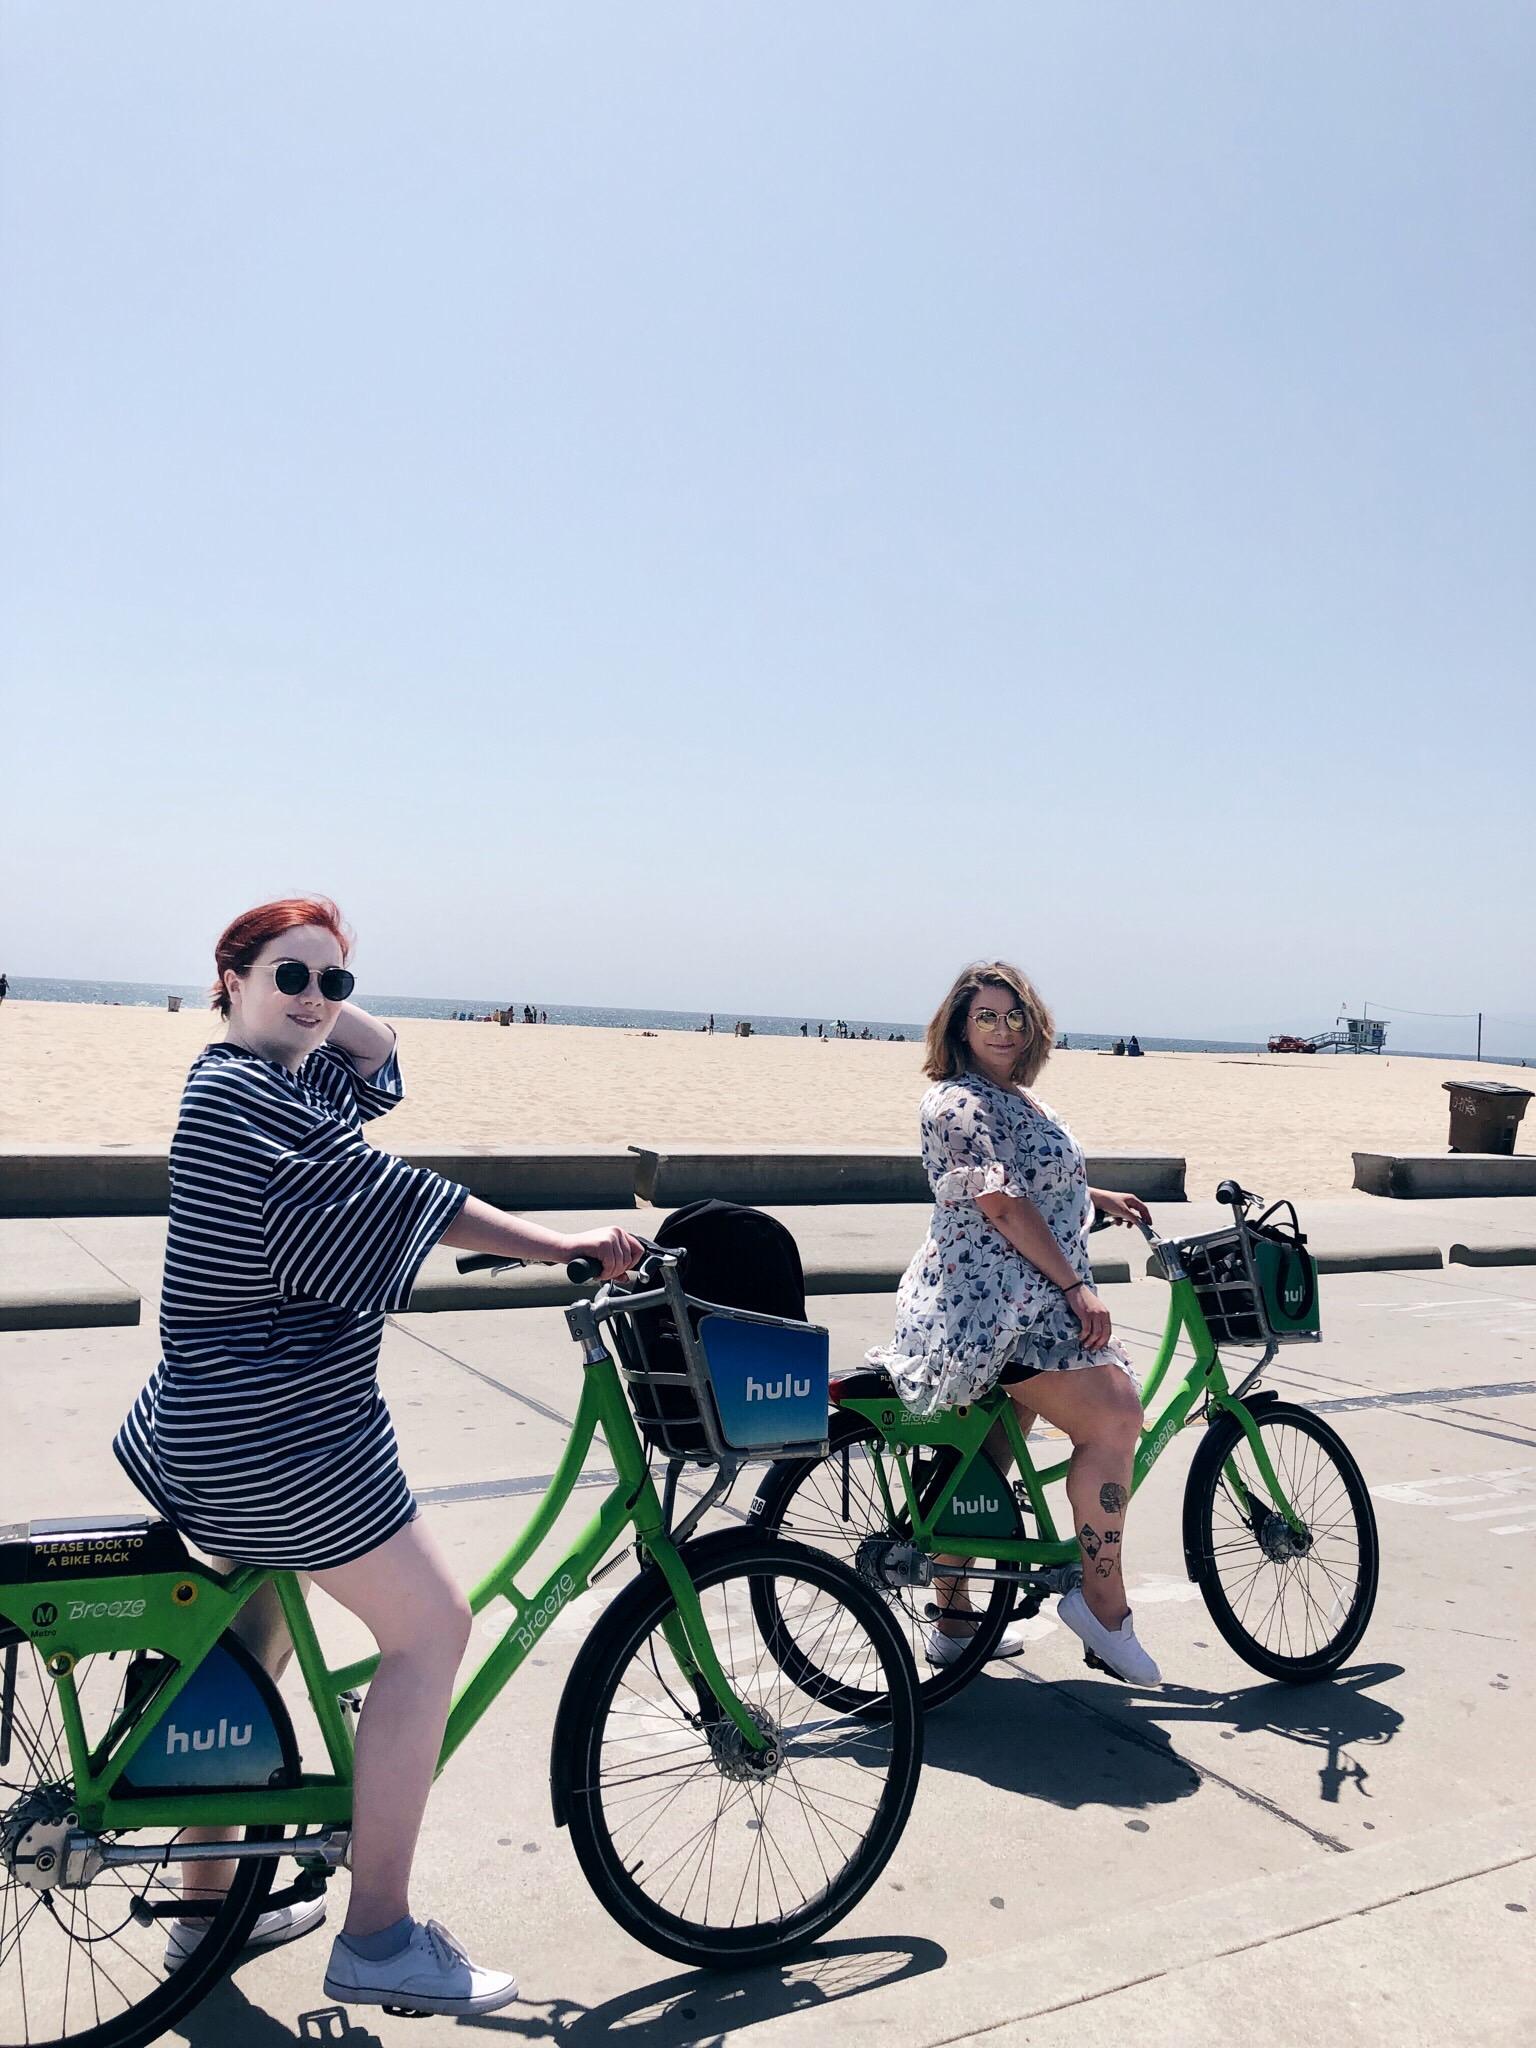 Bikes in Venice!